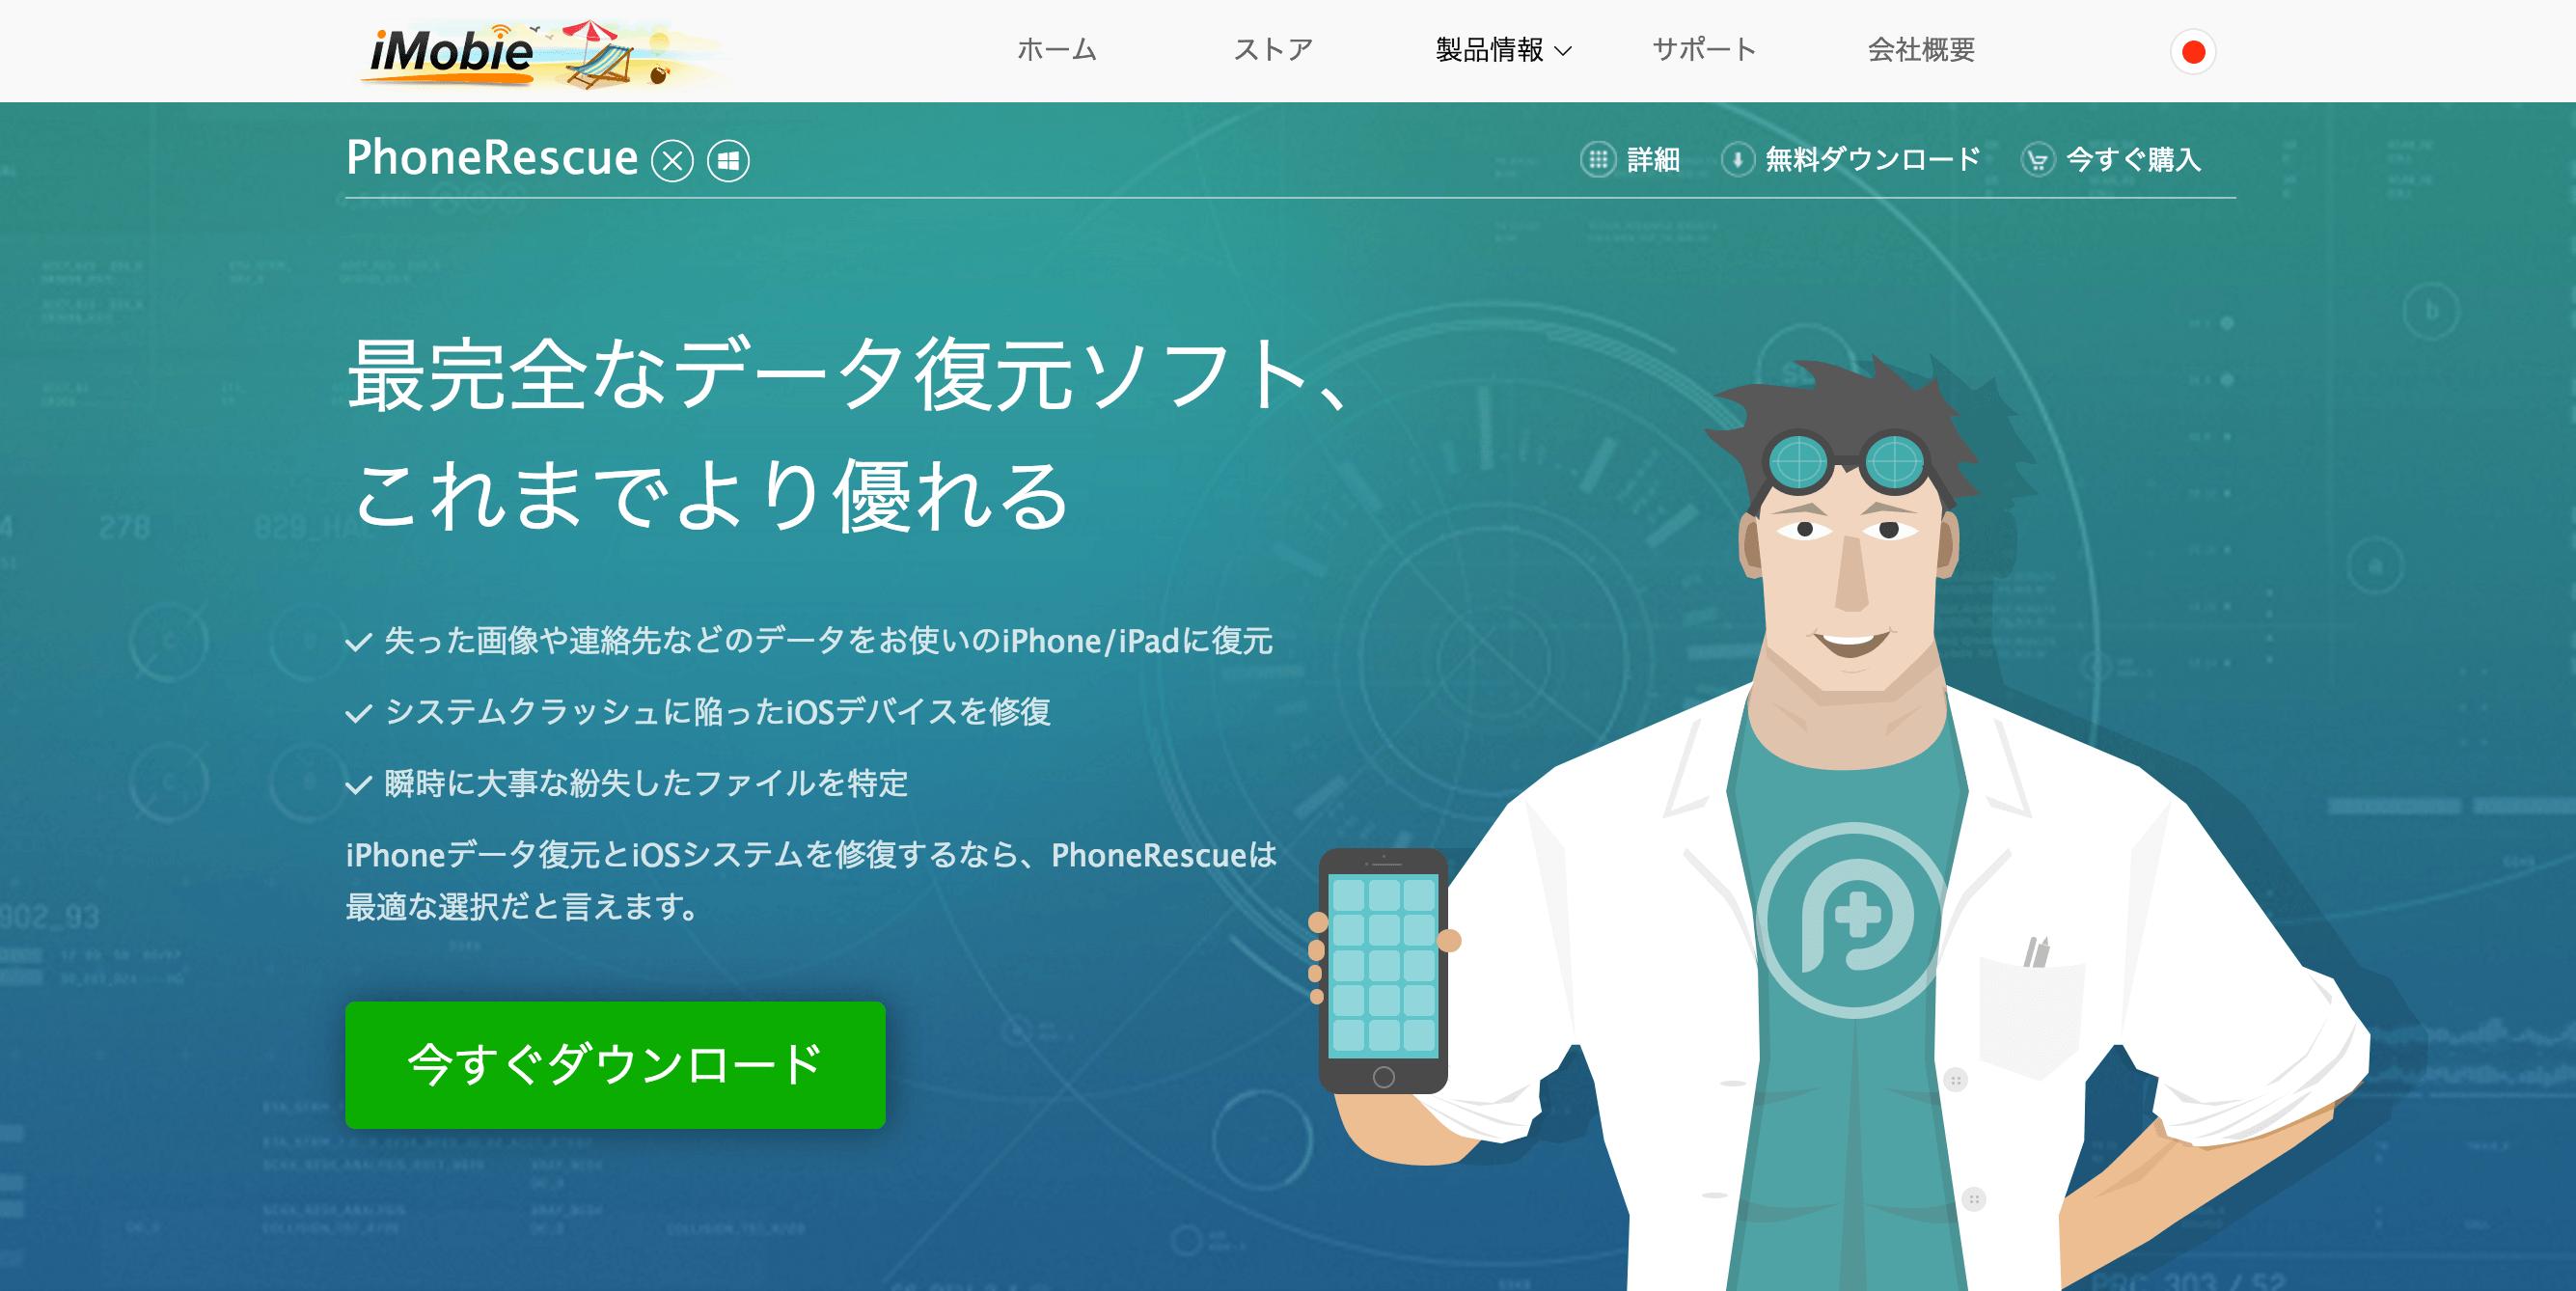 001_20160805_phonerescue-license